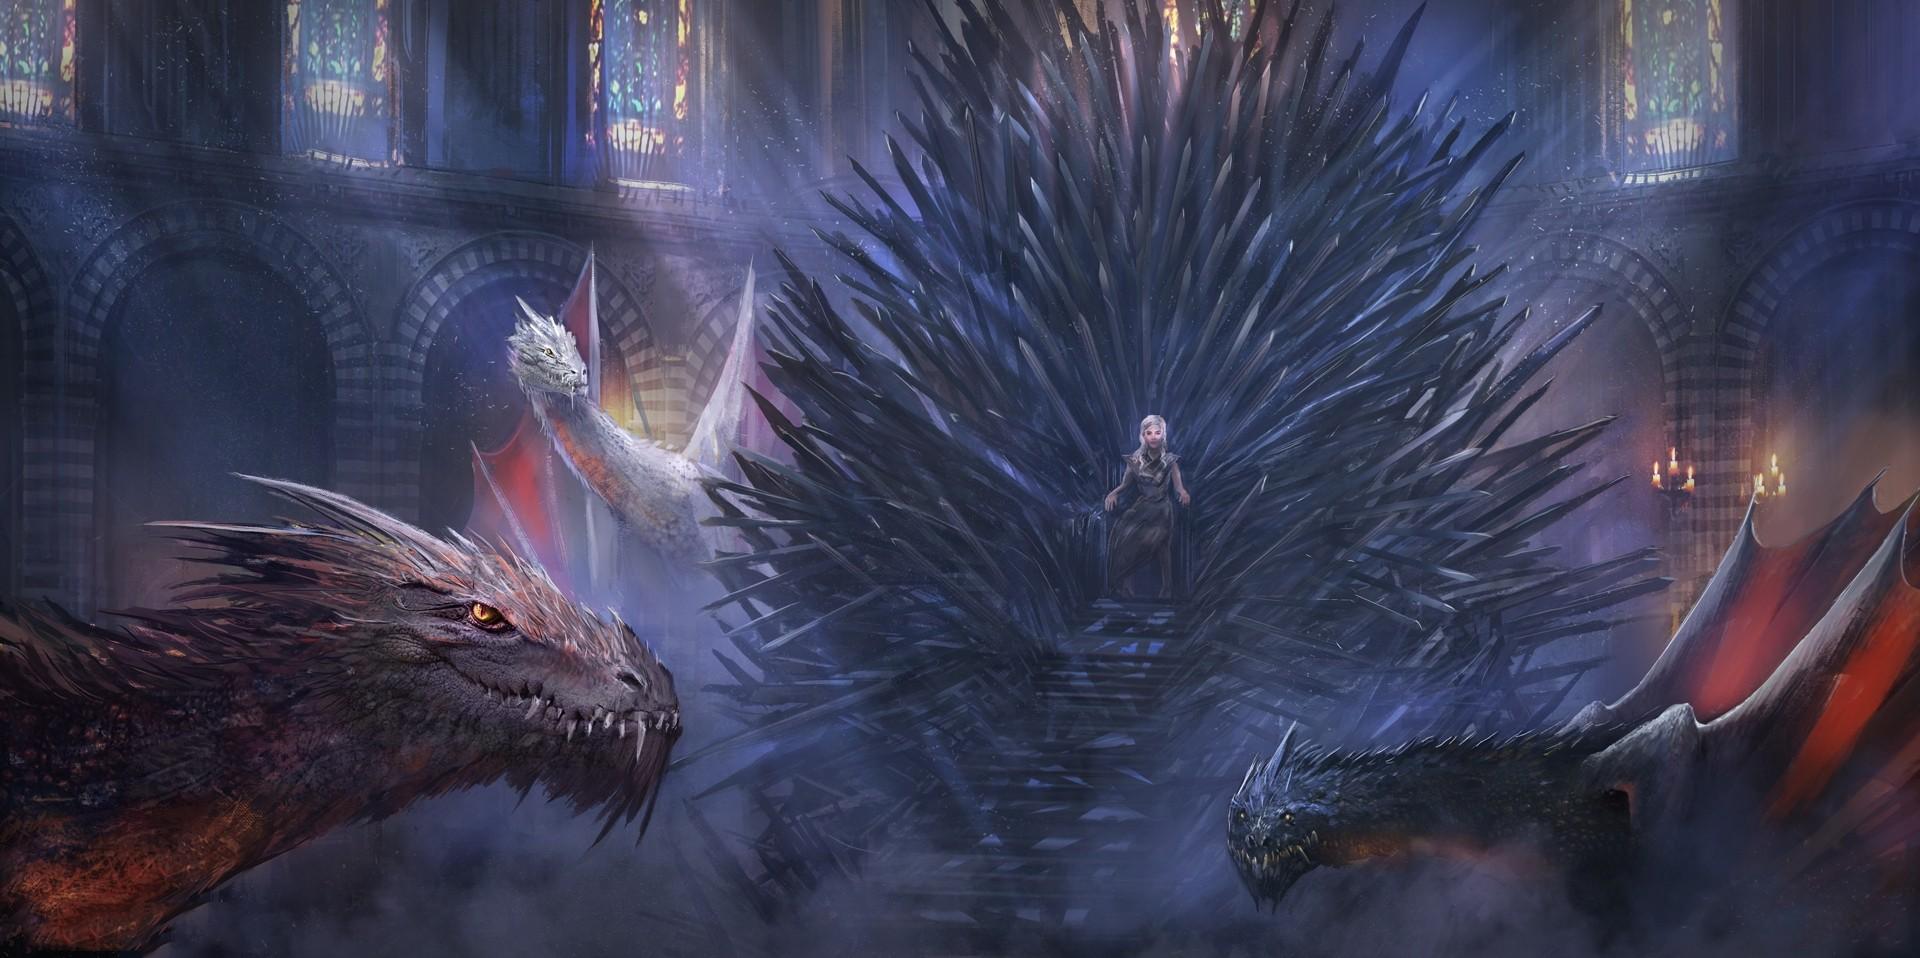 Wallpaper Fantasy Art Game Of Thrones Daenerys Targaryen Iron